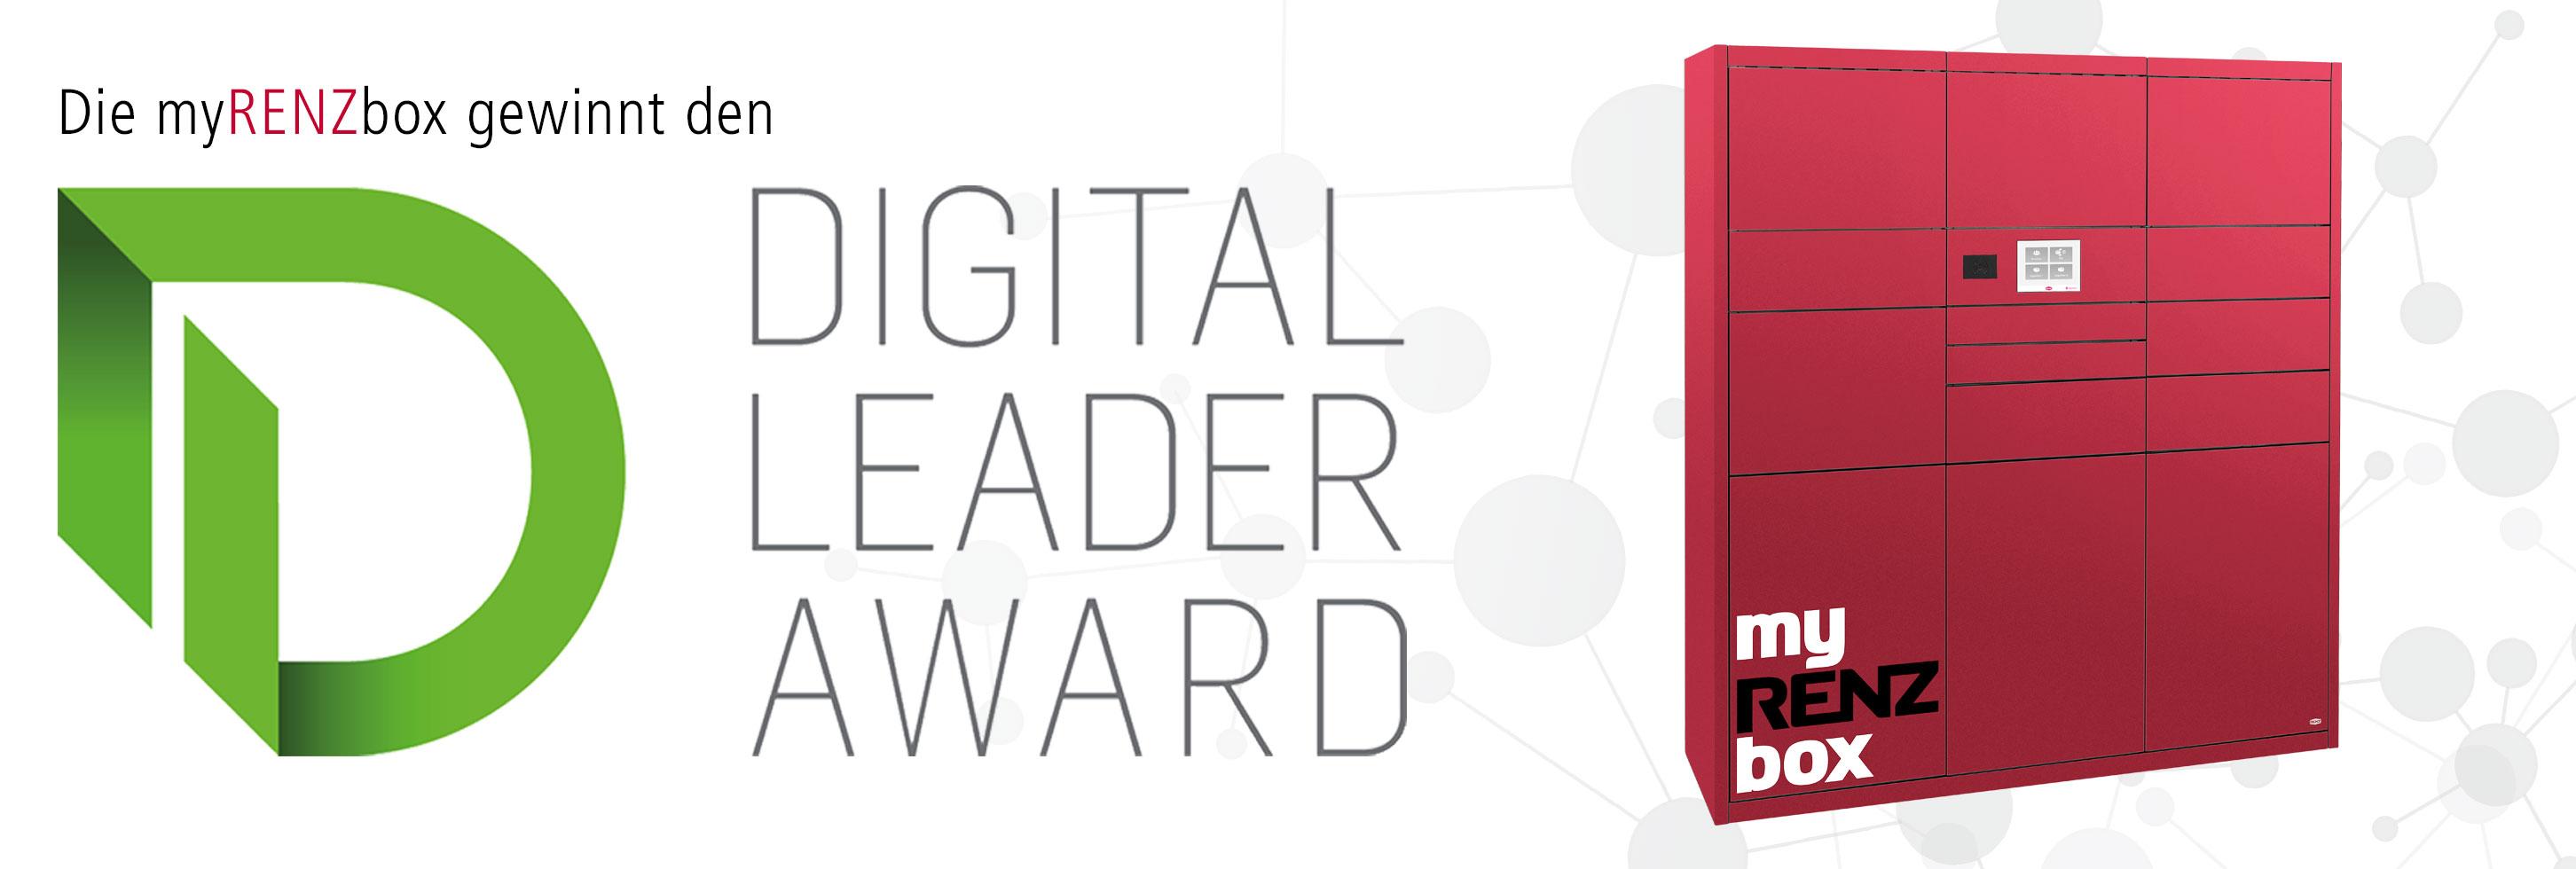 2017-07-digital-leader-award Erstaunlich Briefkasten Weiß Mit Zeitungsrolle Dekorationen